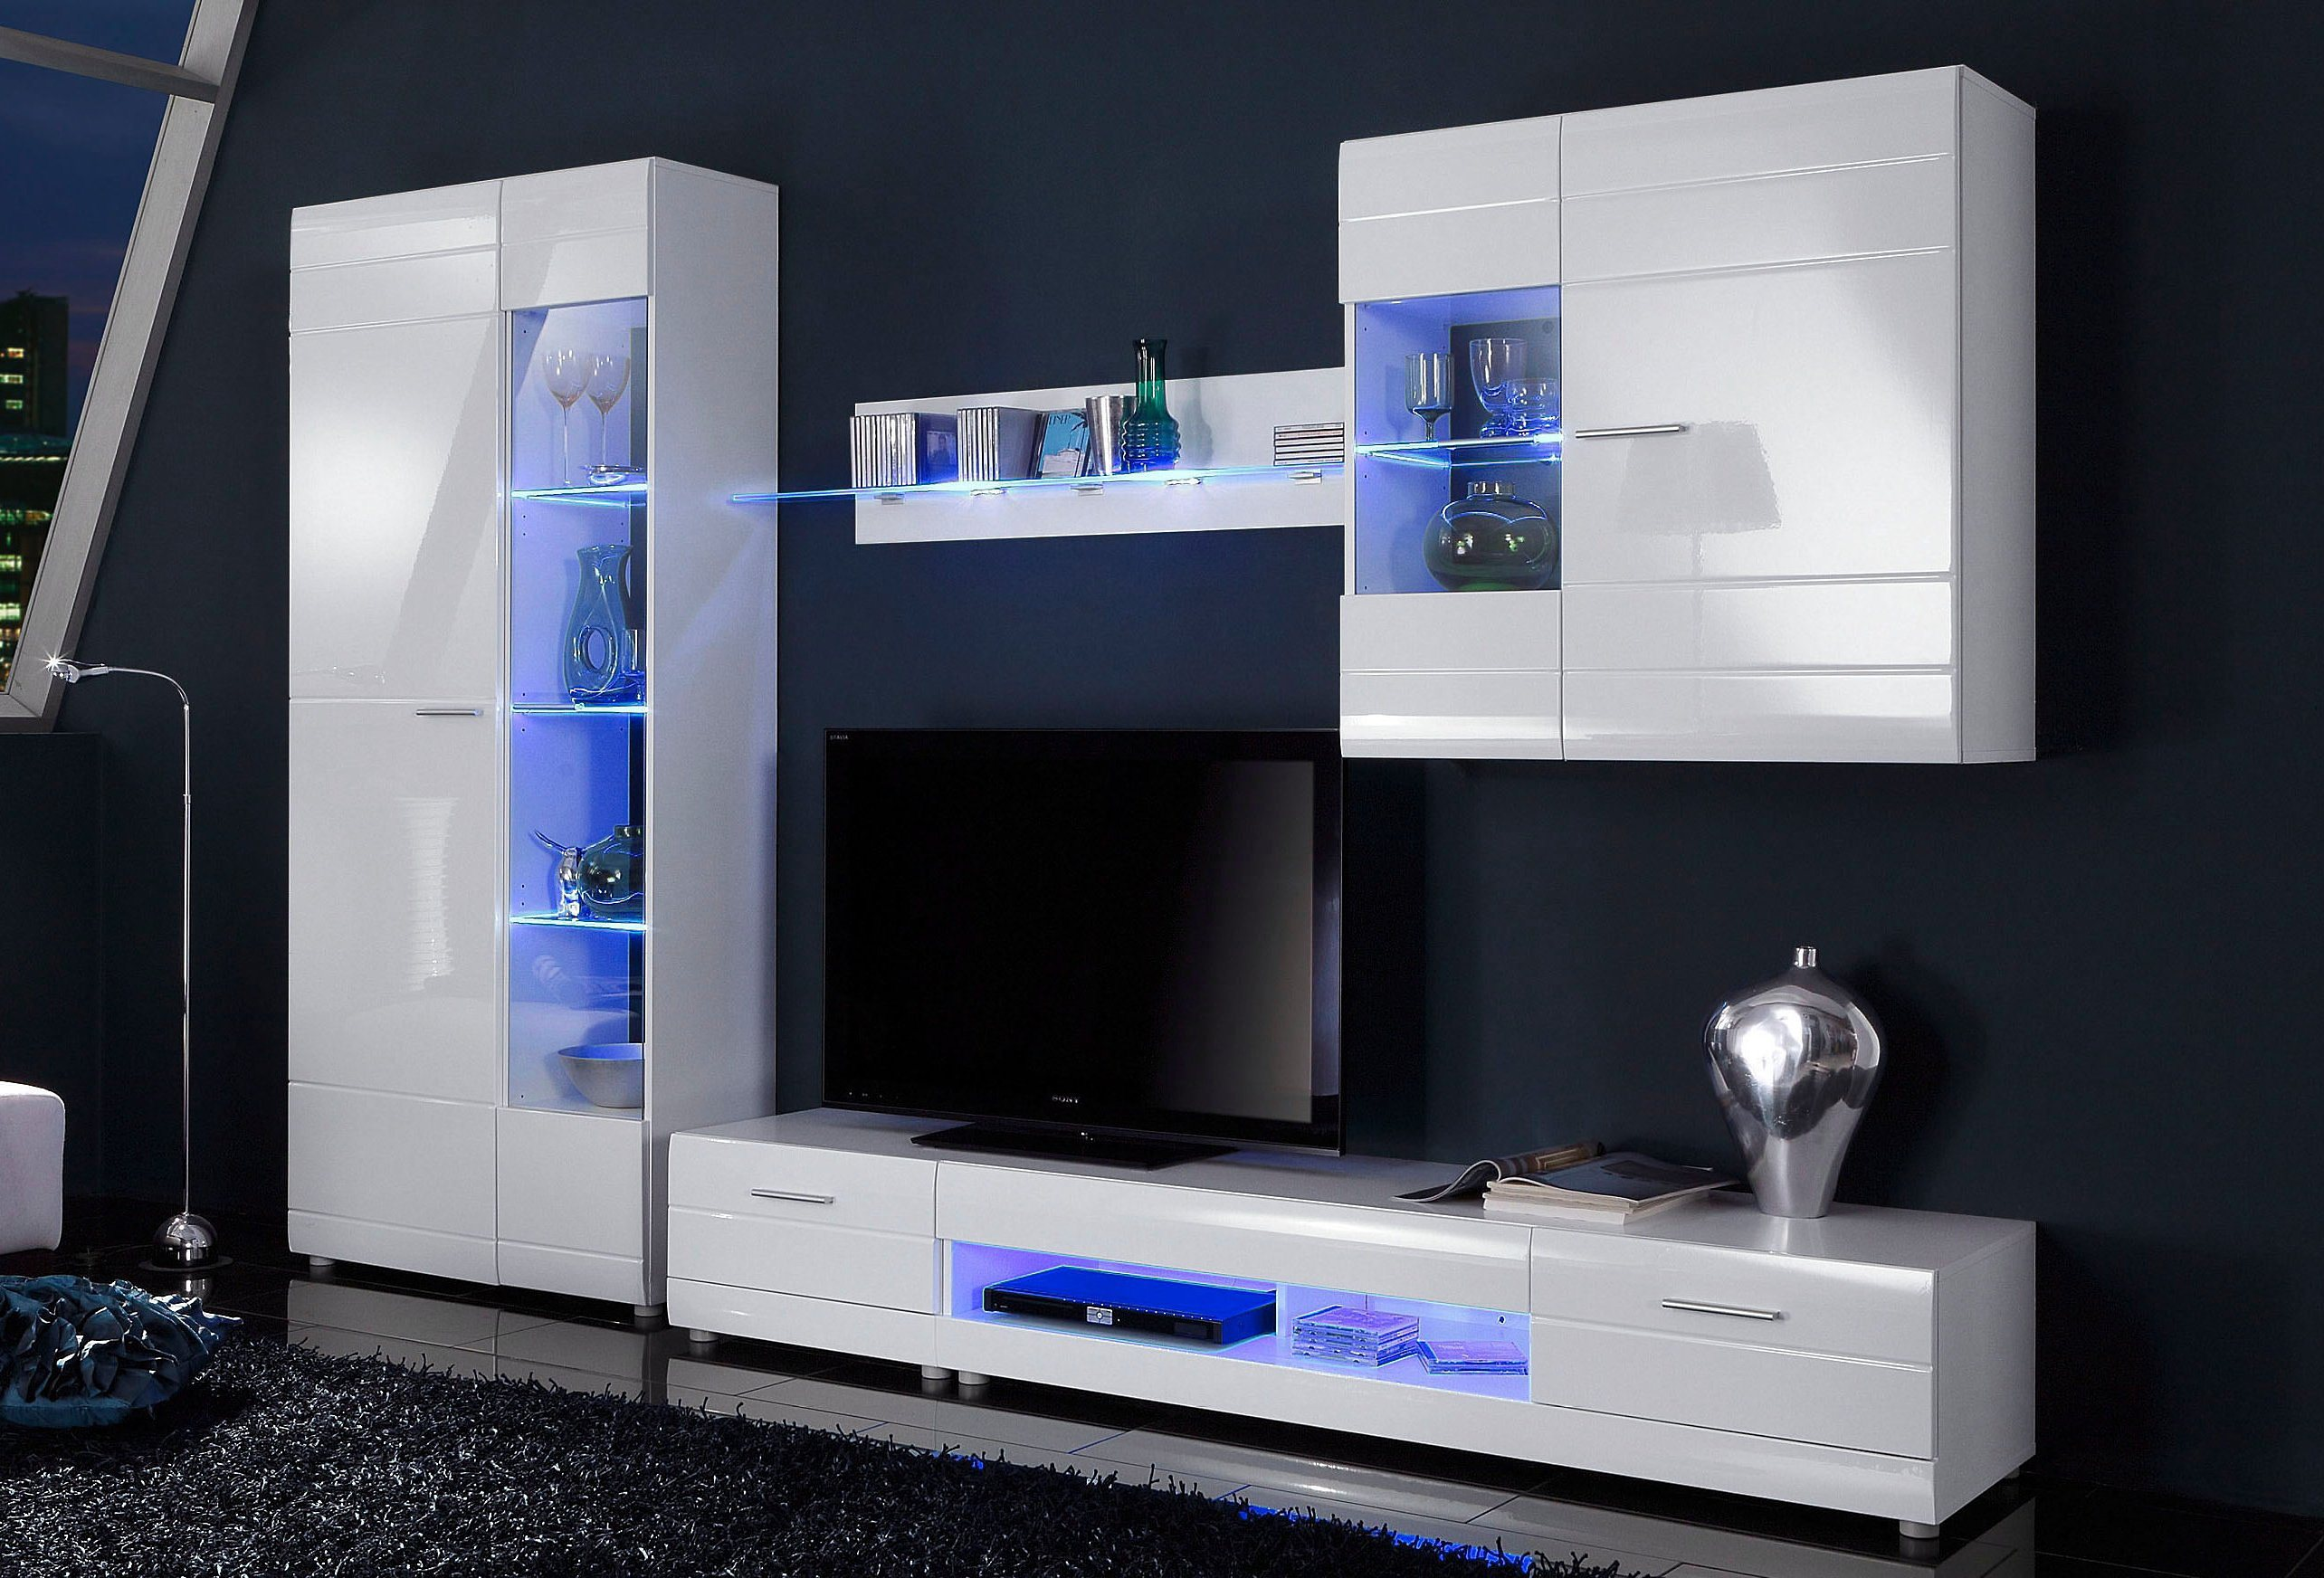 Mooved Wohnwände online kaufen | Möbel-Suchmaschine | ladendirekt.de